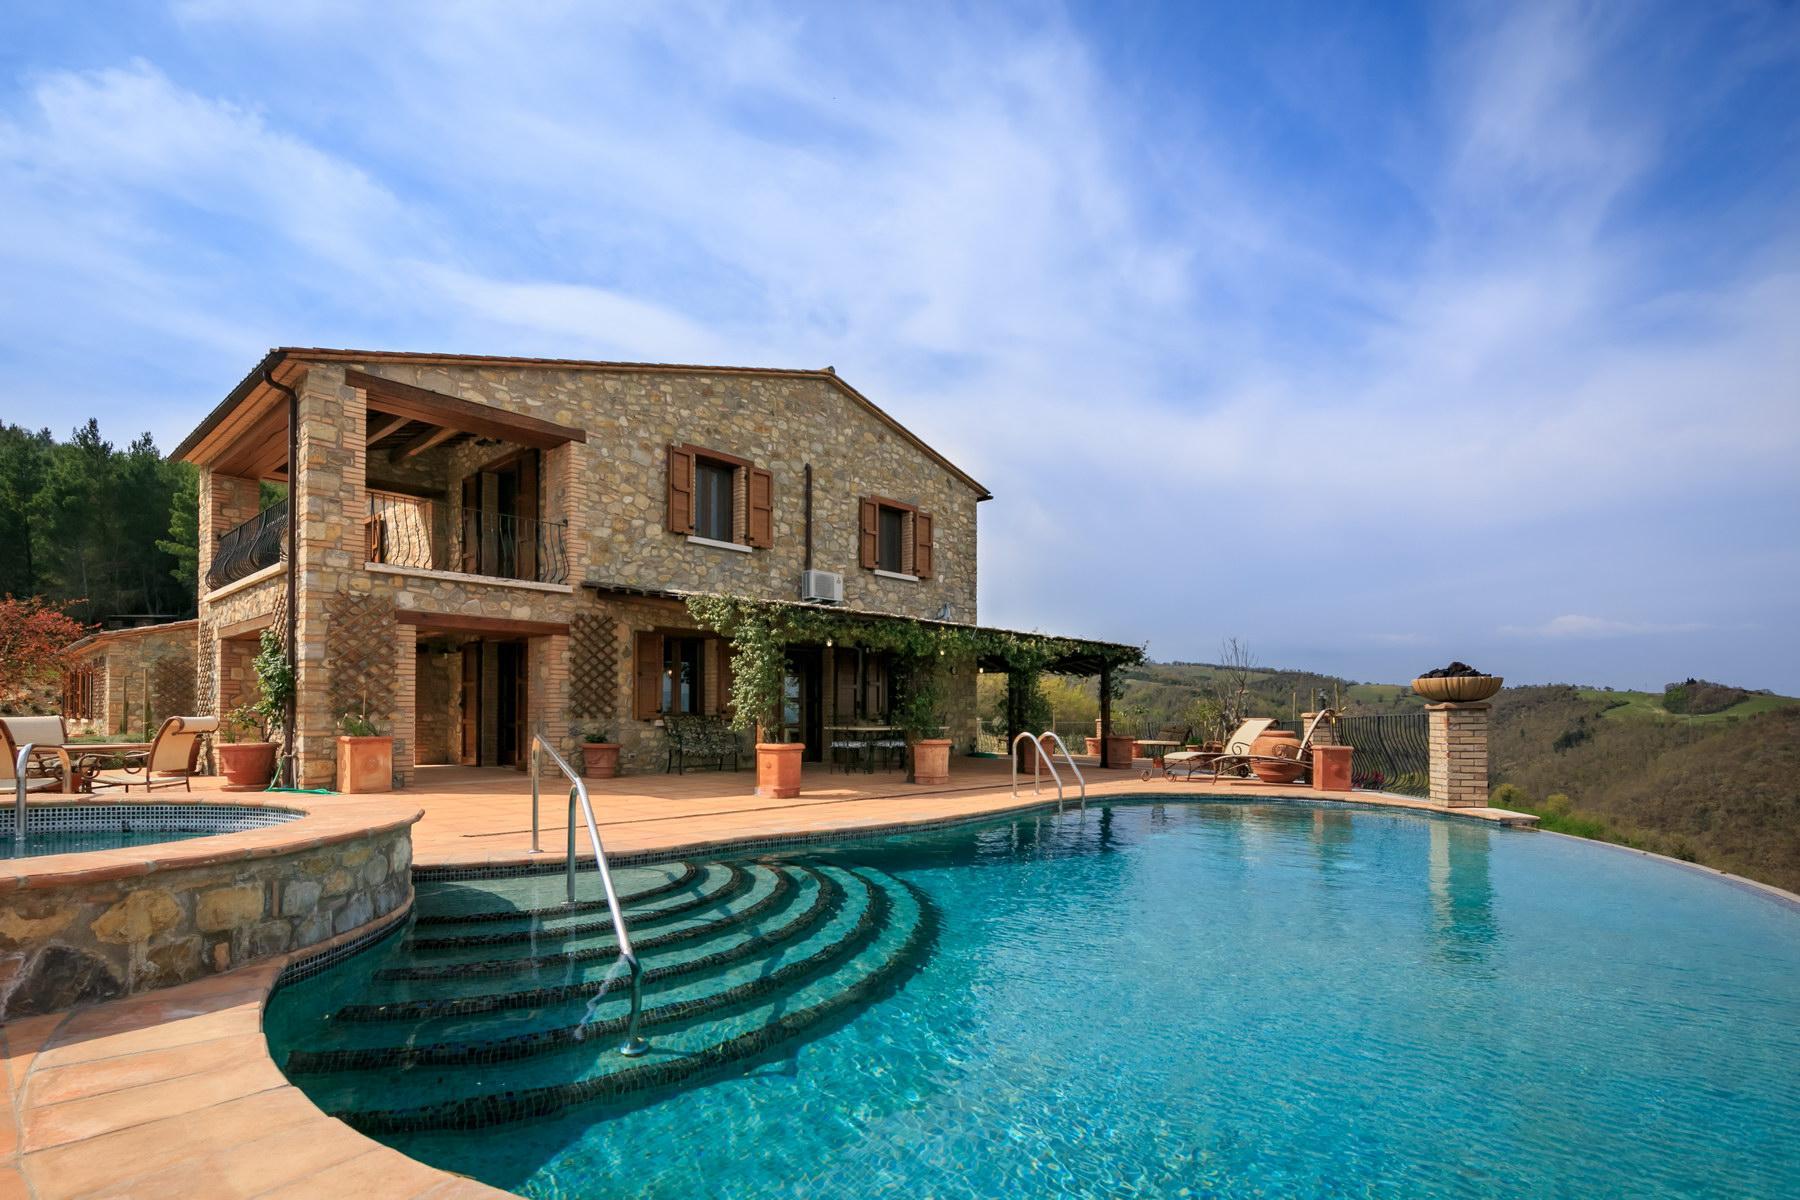 Восхитительная усадьба с бассейном и живописными видами холмов, Умбрия, Италия - 2